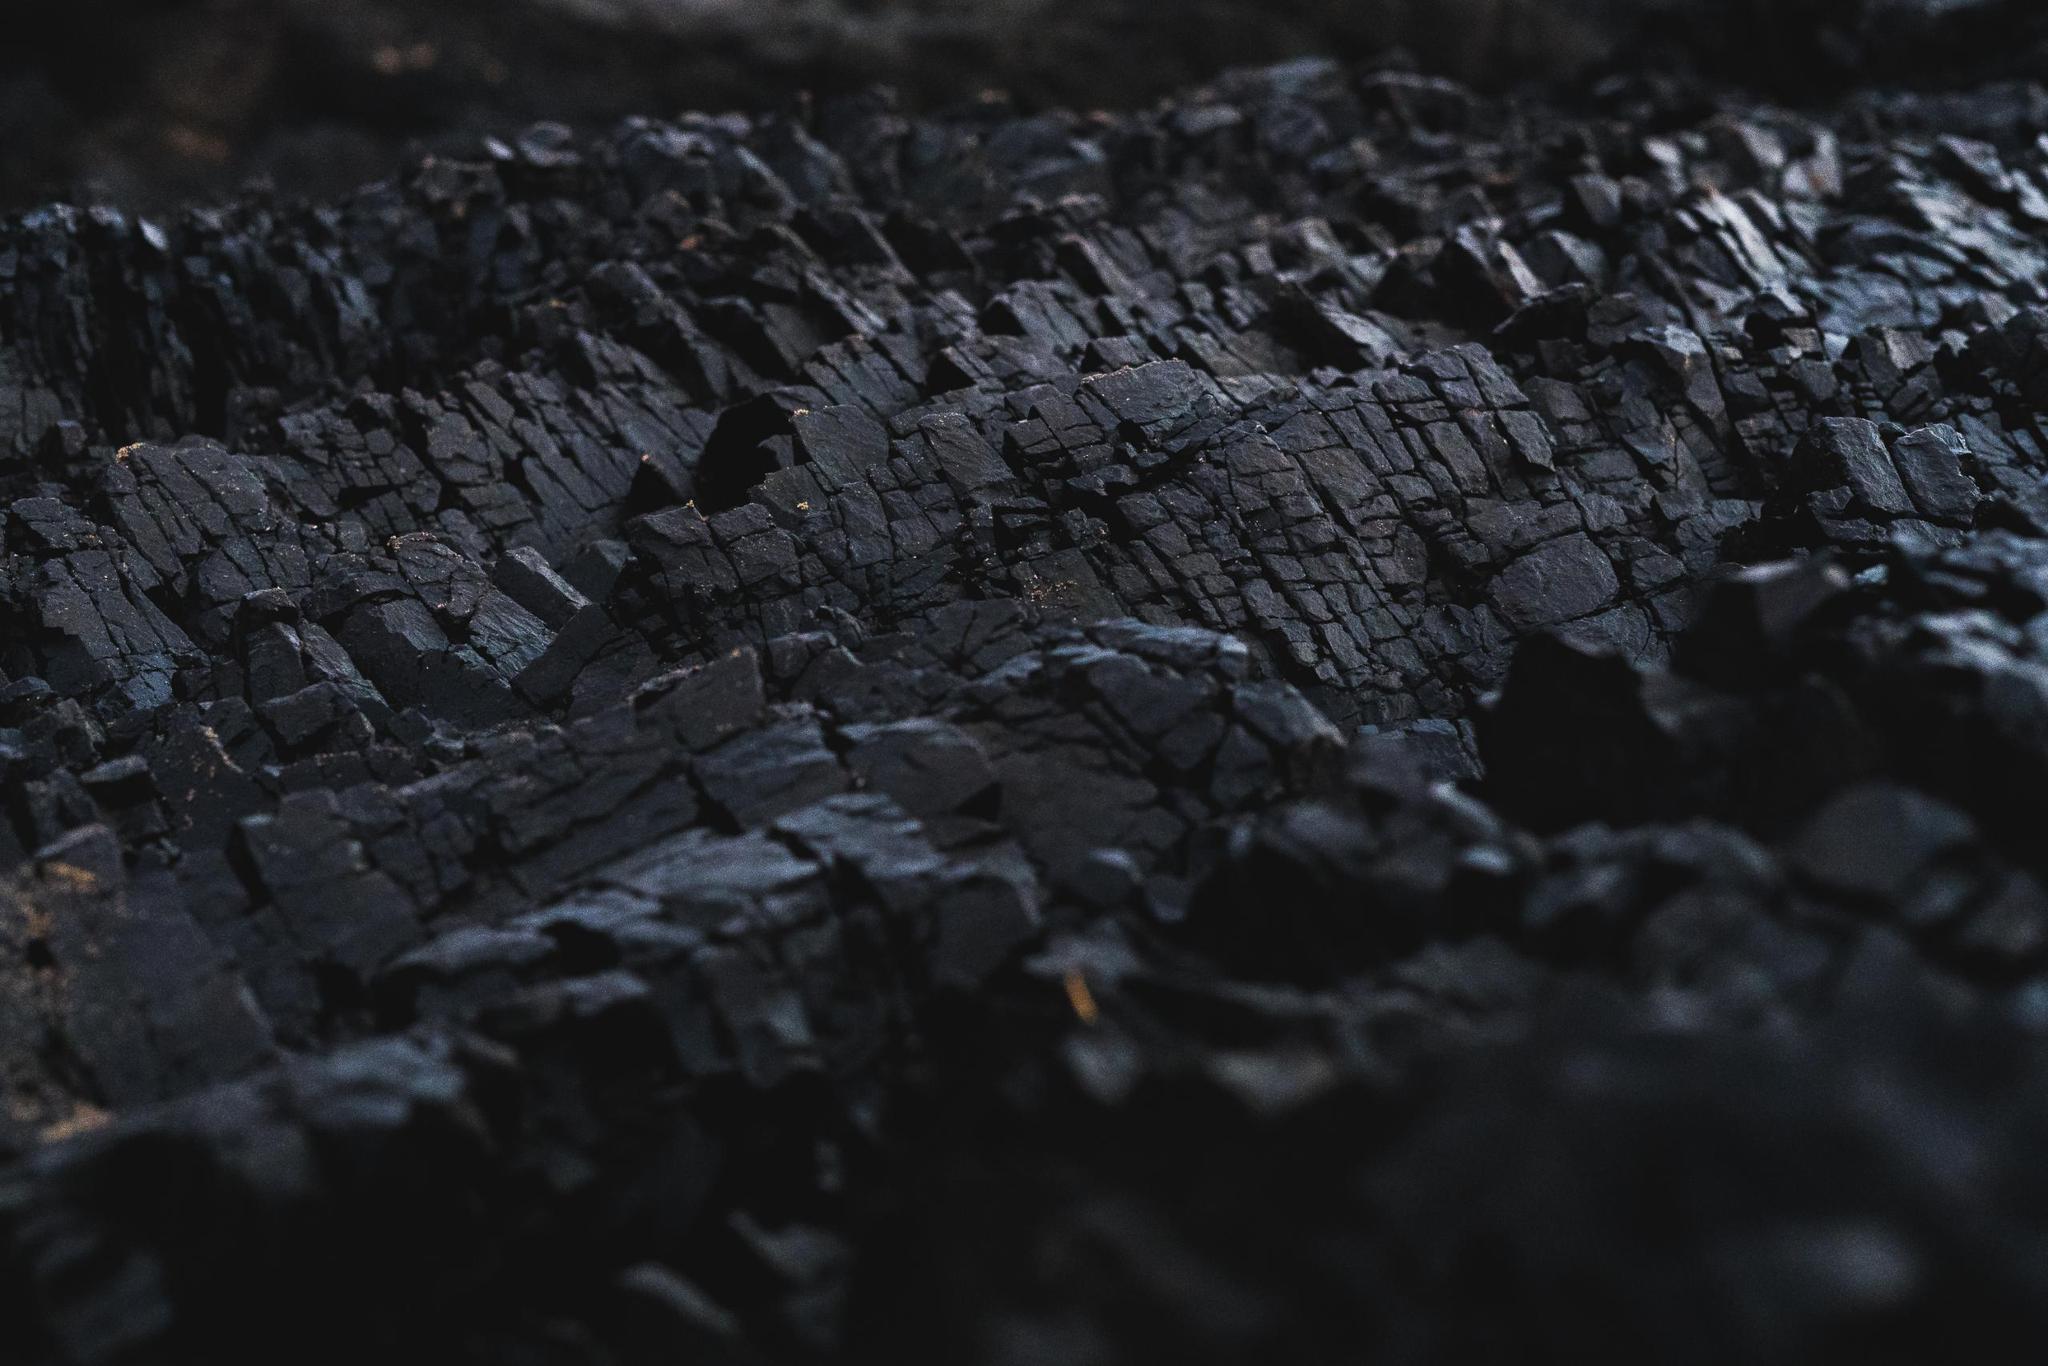 兰花科创预计上半年盈利下降超七成 煤炭、尿素价格大幅下降